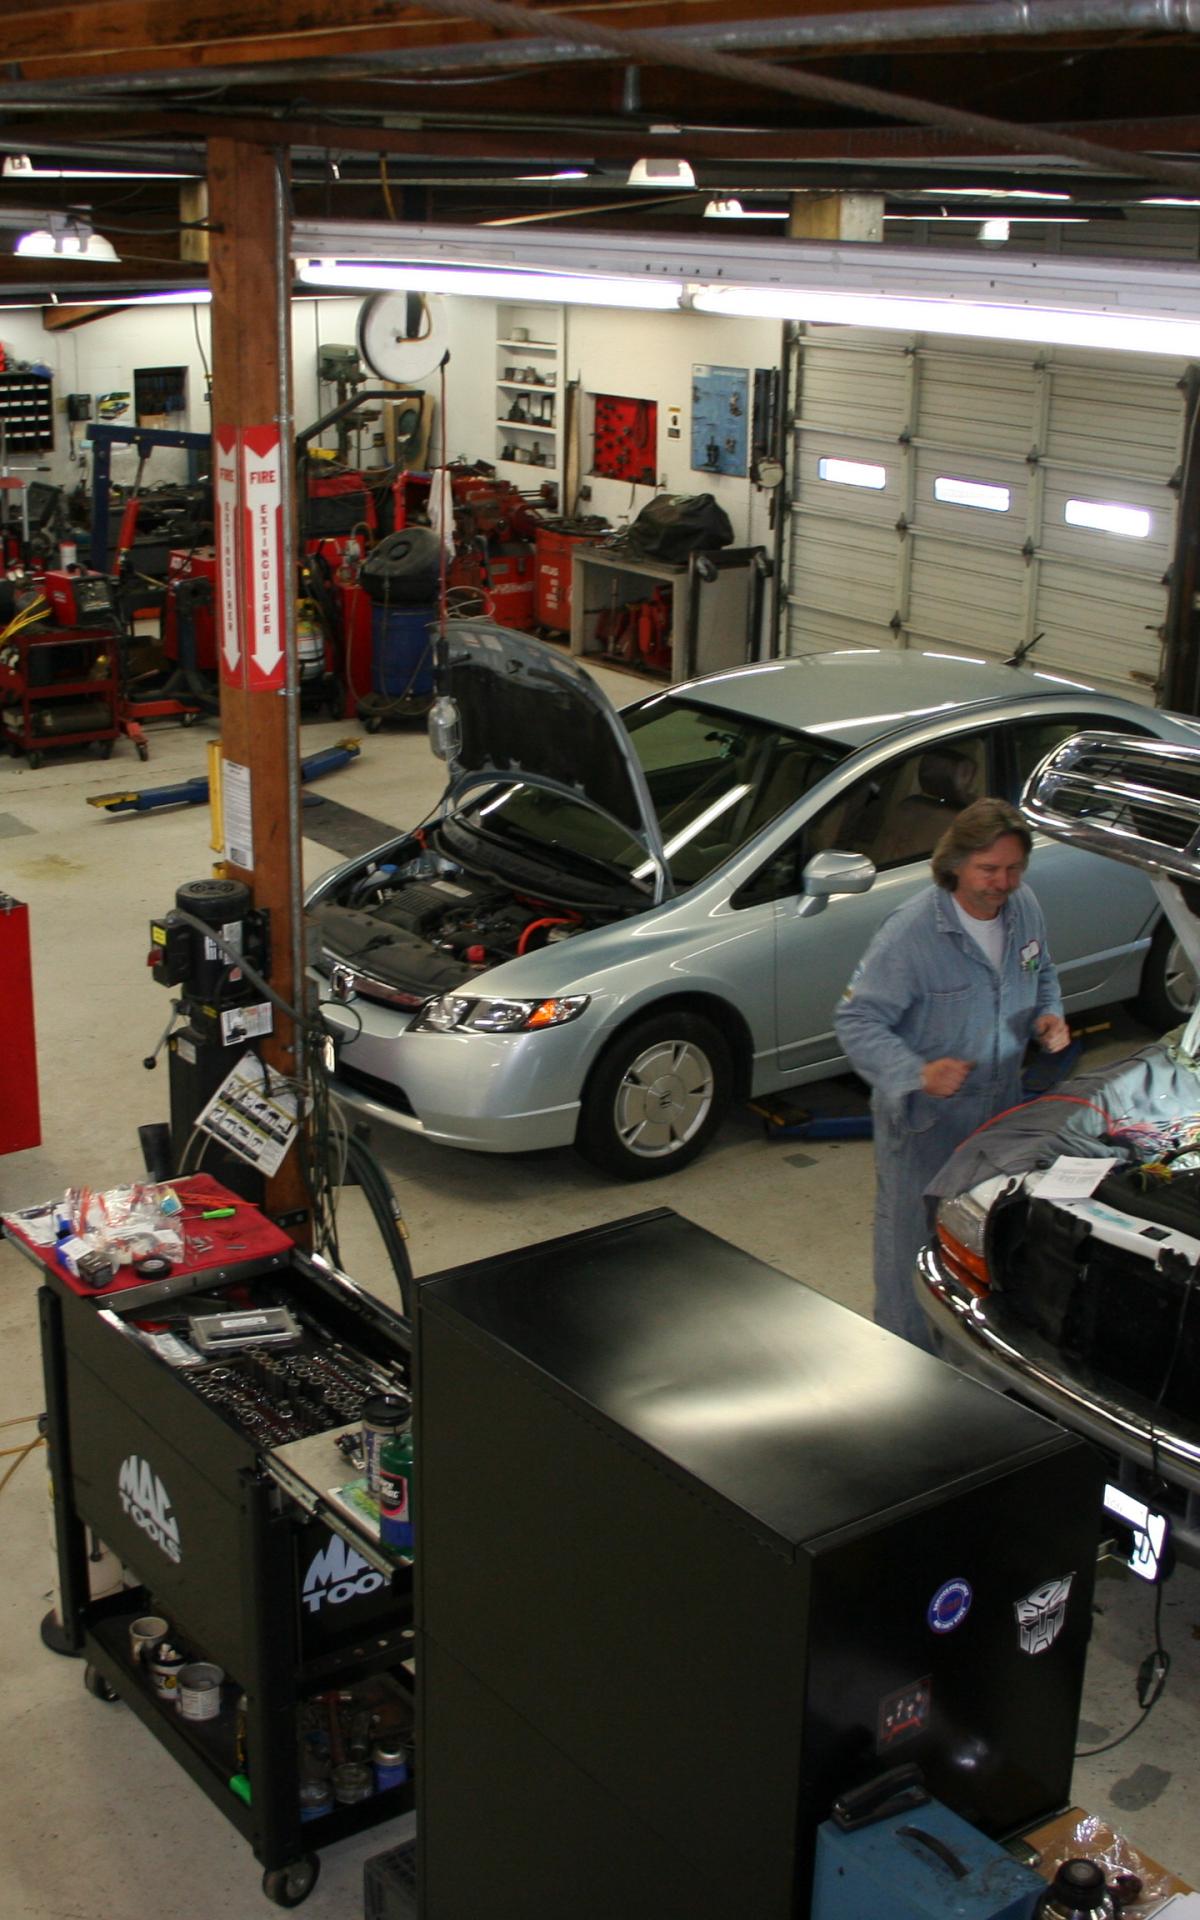 Free download Car Repair Shops loopelecom 3456x2304 for ...